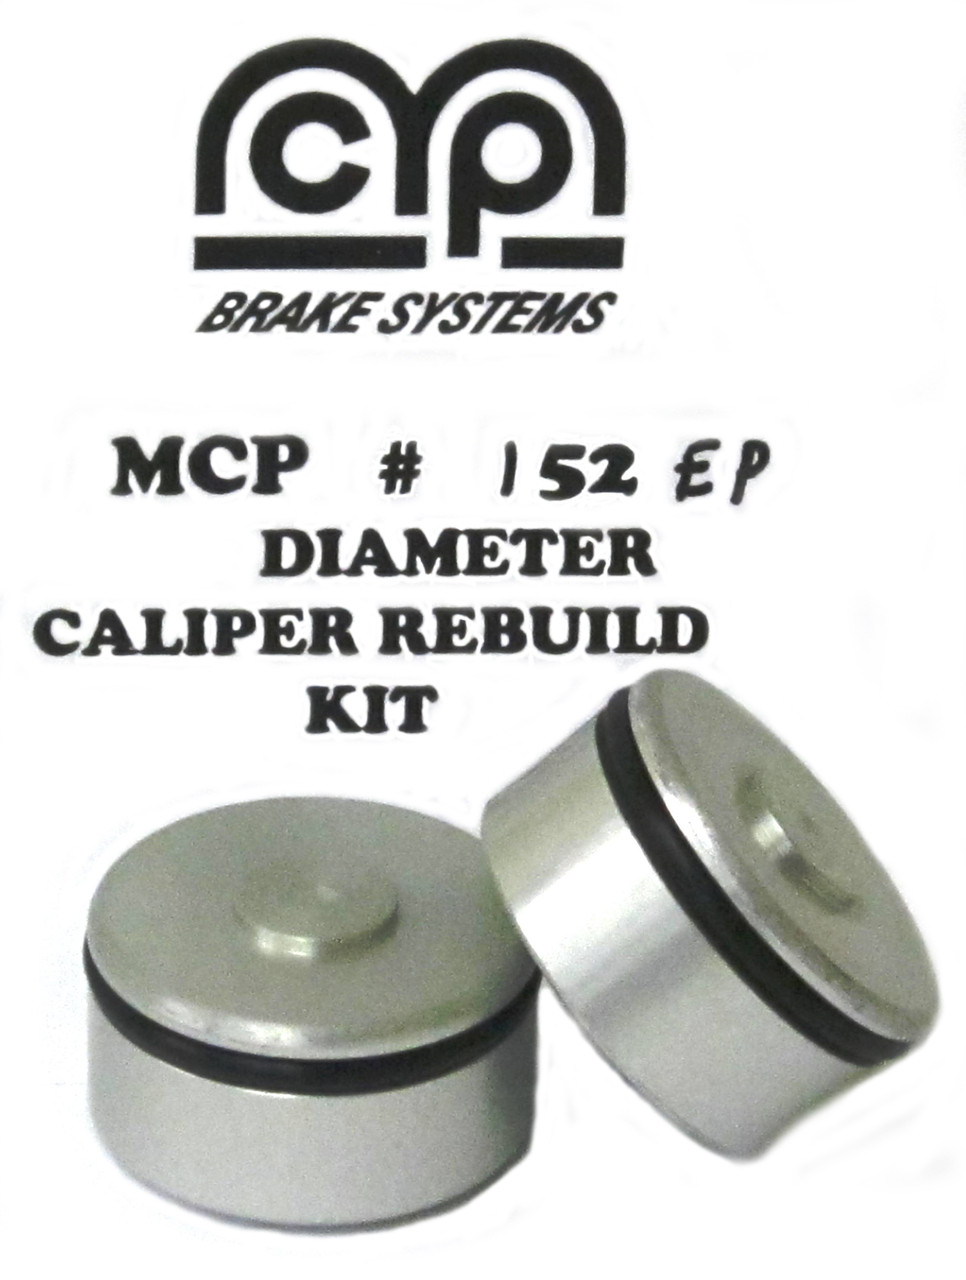 3052 Rebuild Kit for MCP Caliper